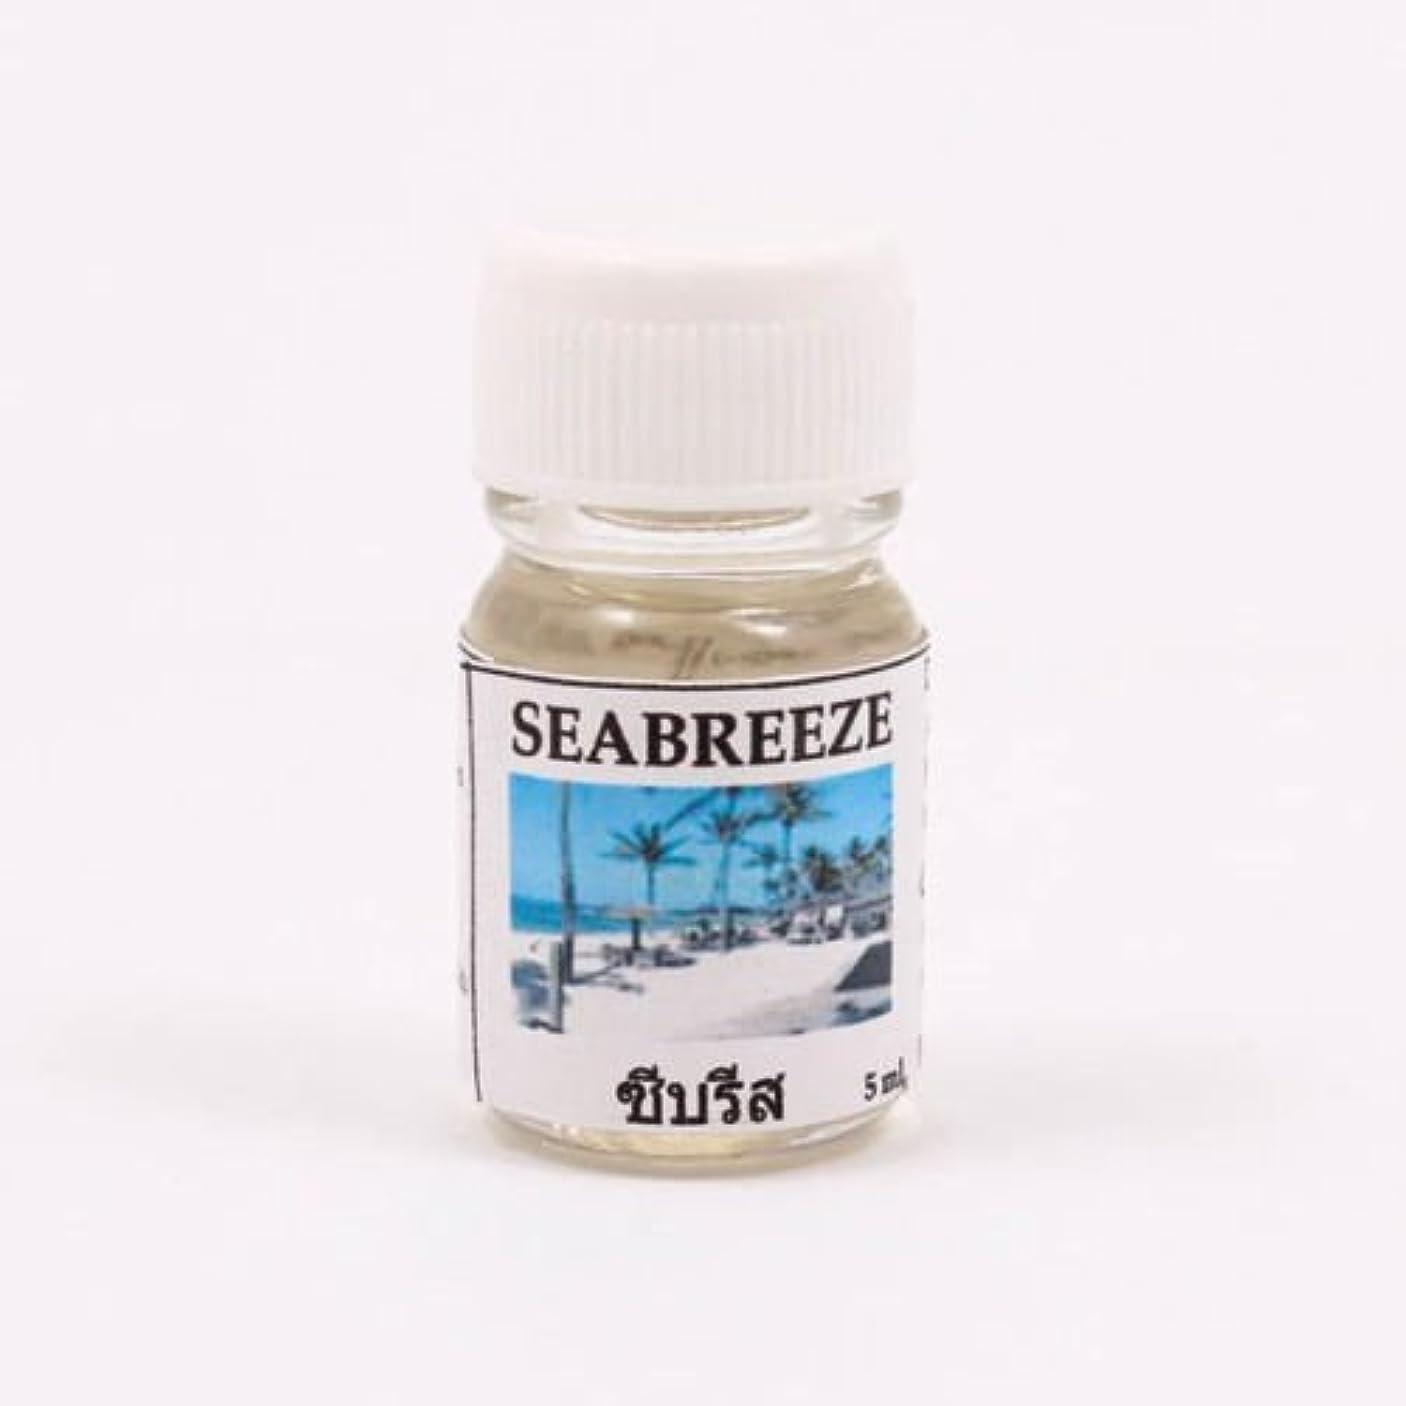 ロイヤリティアンビエントハブ6X Seabreeze Aroma Fragrance Essential Oil 5ML. cc Diffuser Burner Therapy